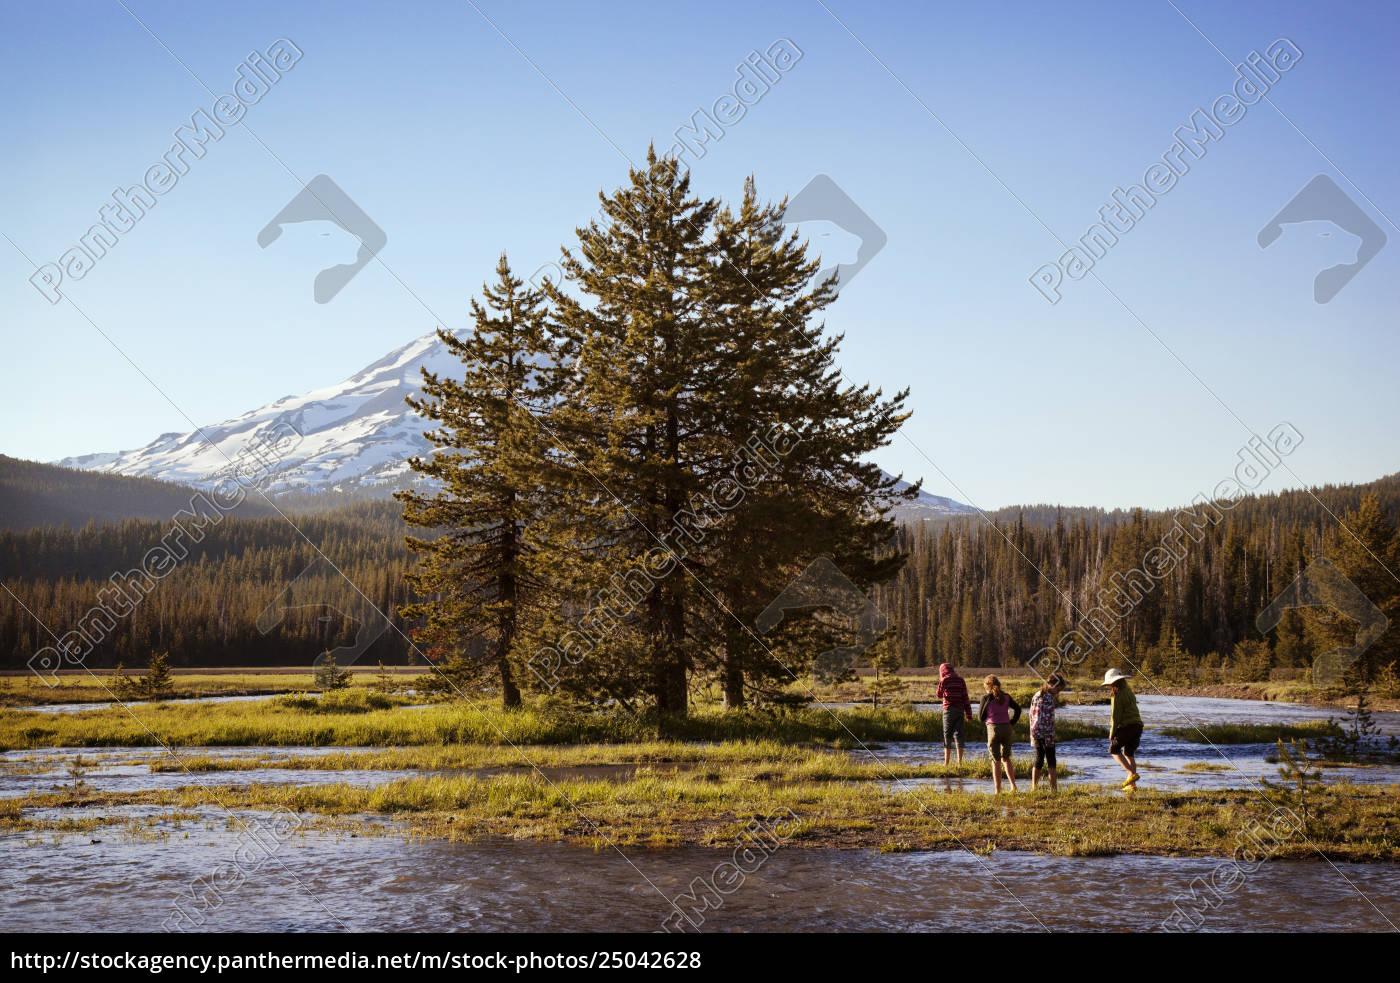 persone, che, godono, nel, lago, di - 25042628